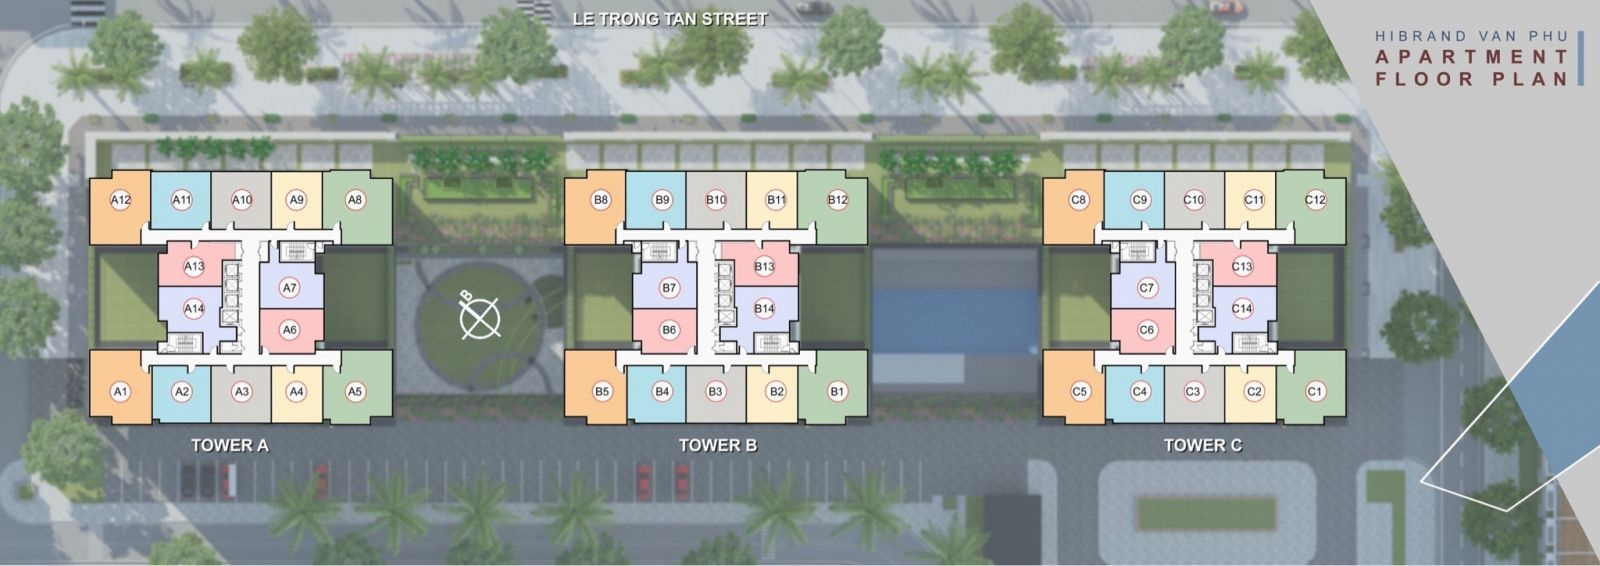 Mặt bằng thiết kế khu chung cư The K Park